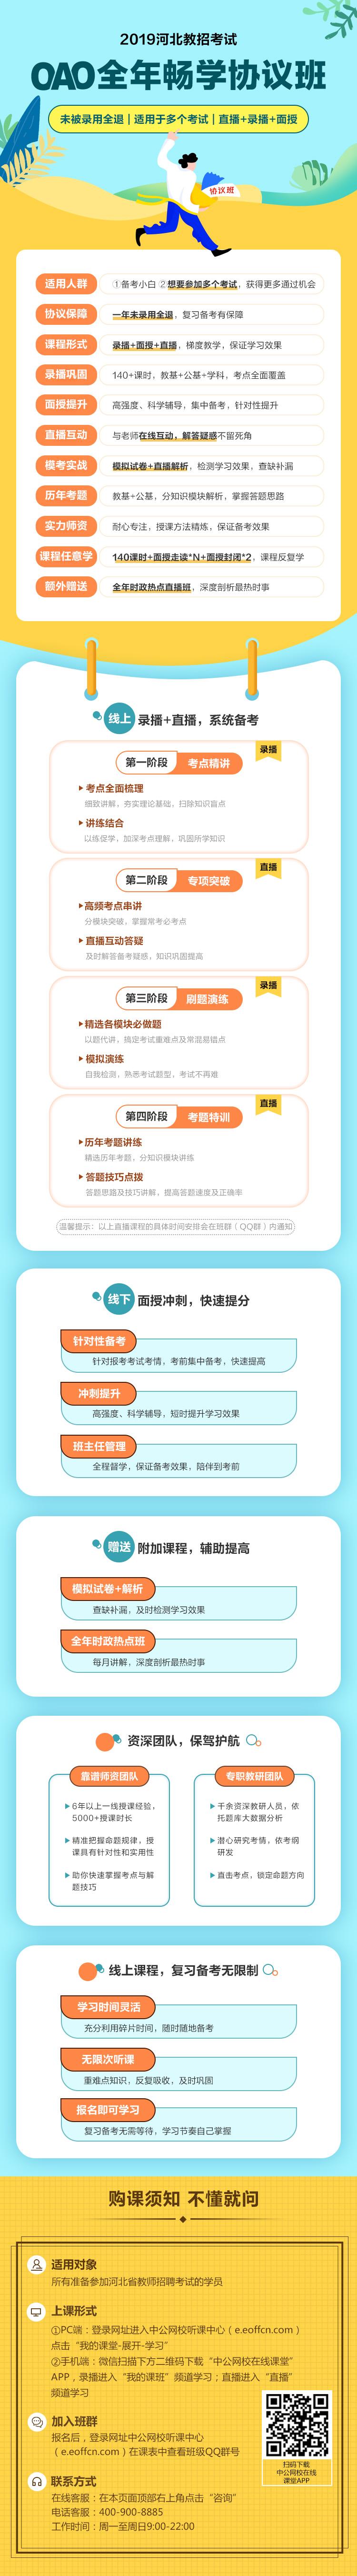 【最新修改版】0919-2019河北教招1号平台时时彩登录官网详情页.jpg